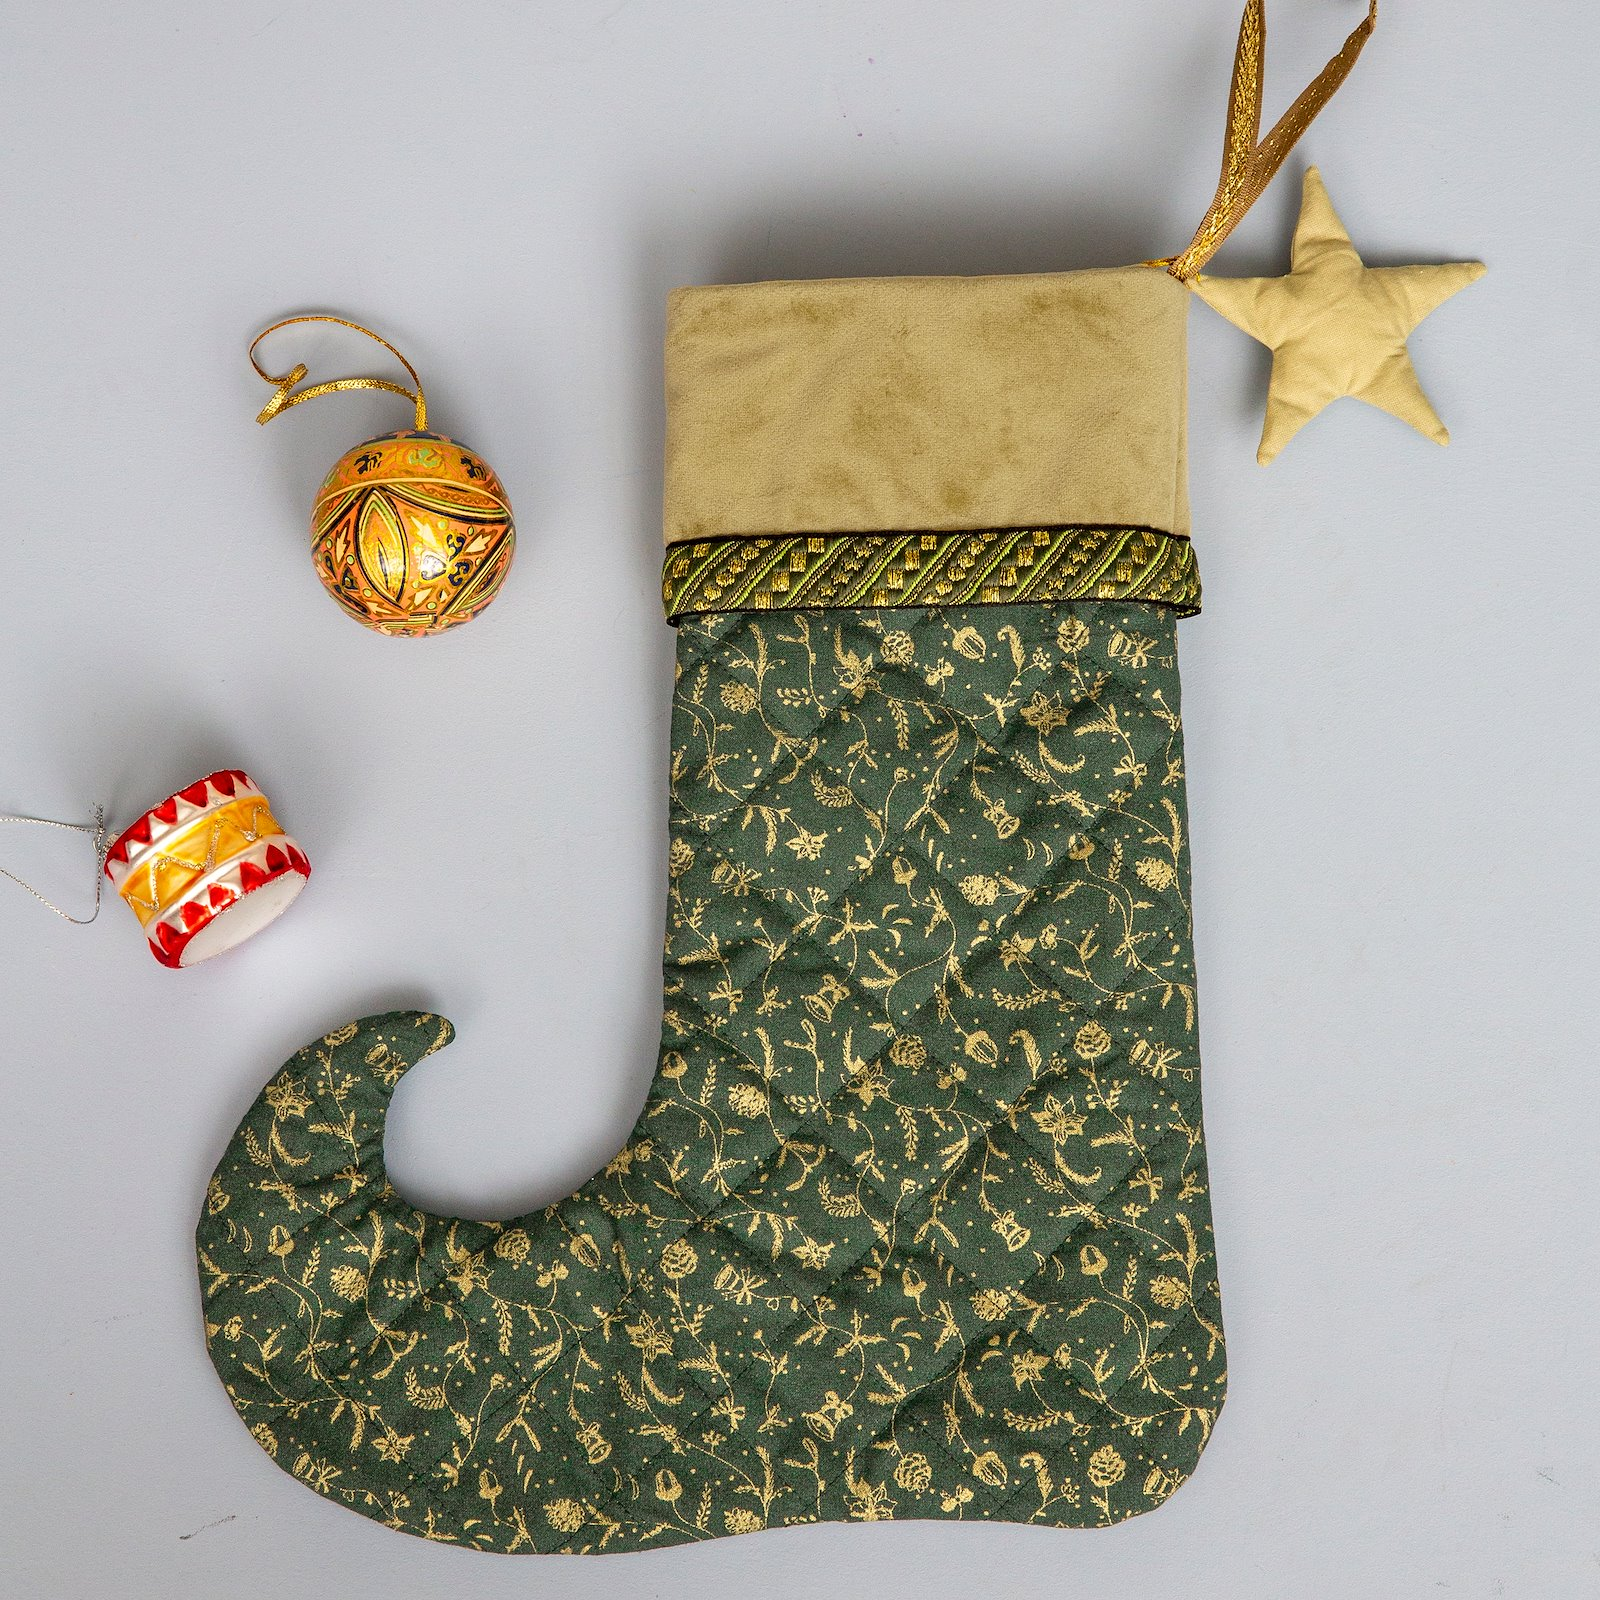 Weihnachtsschmuck p90311_790140_824166_22335_22288_p90333_4221_35290_sskit